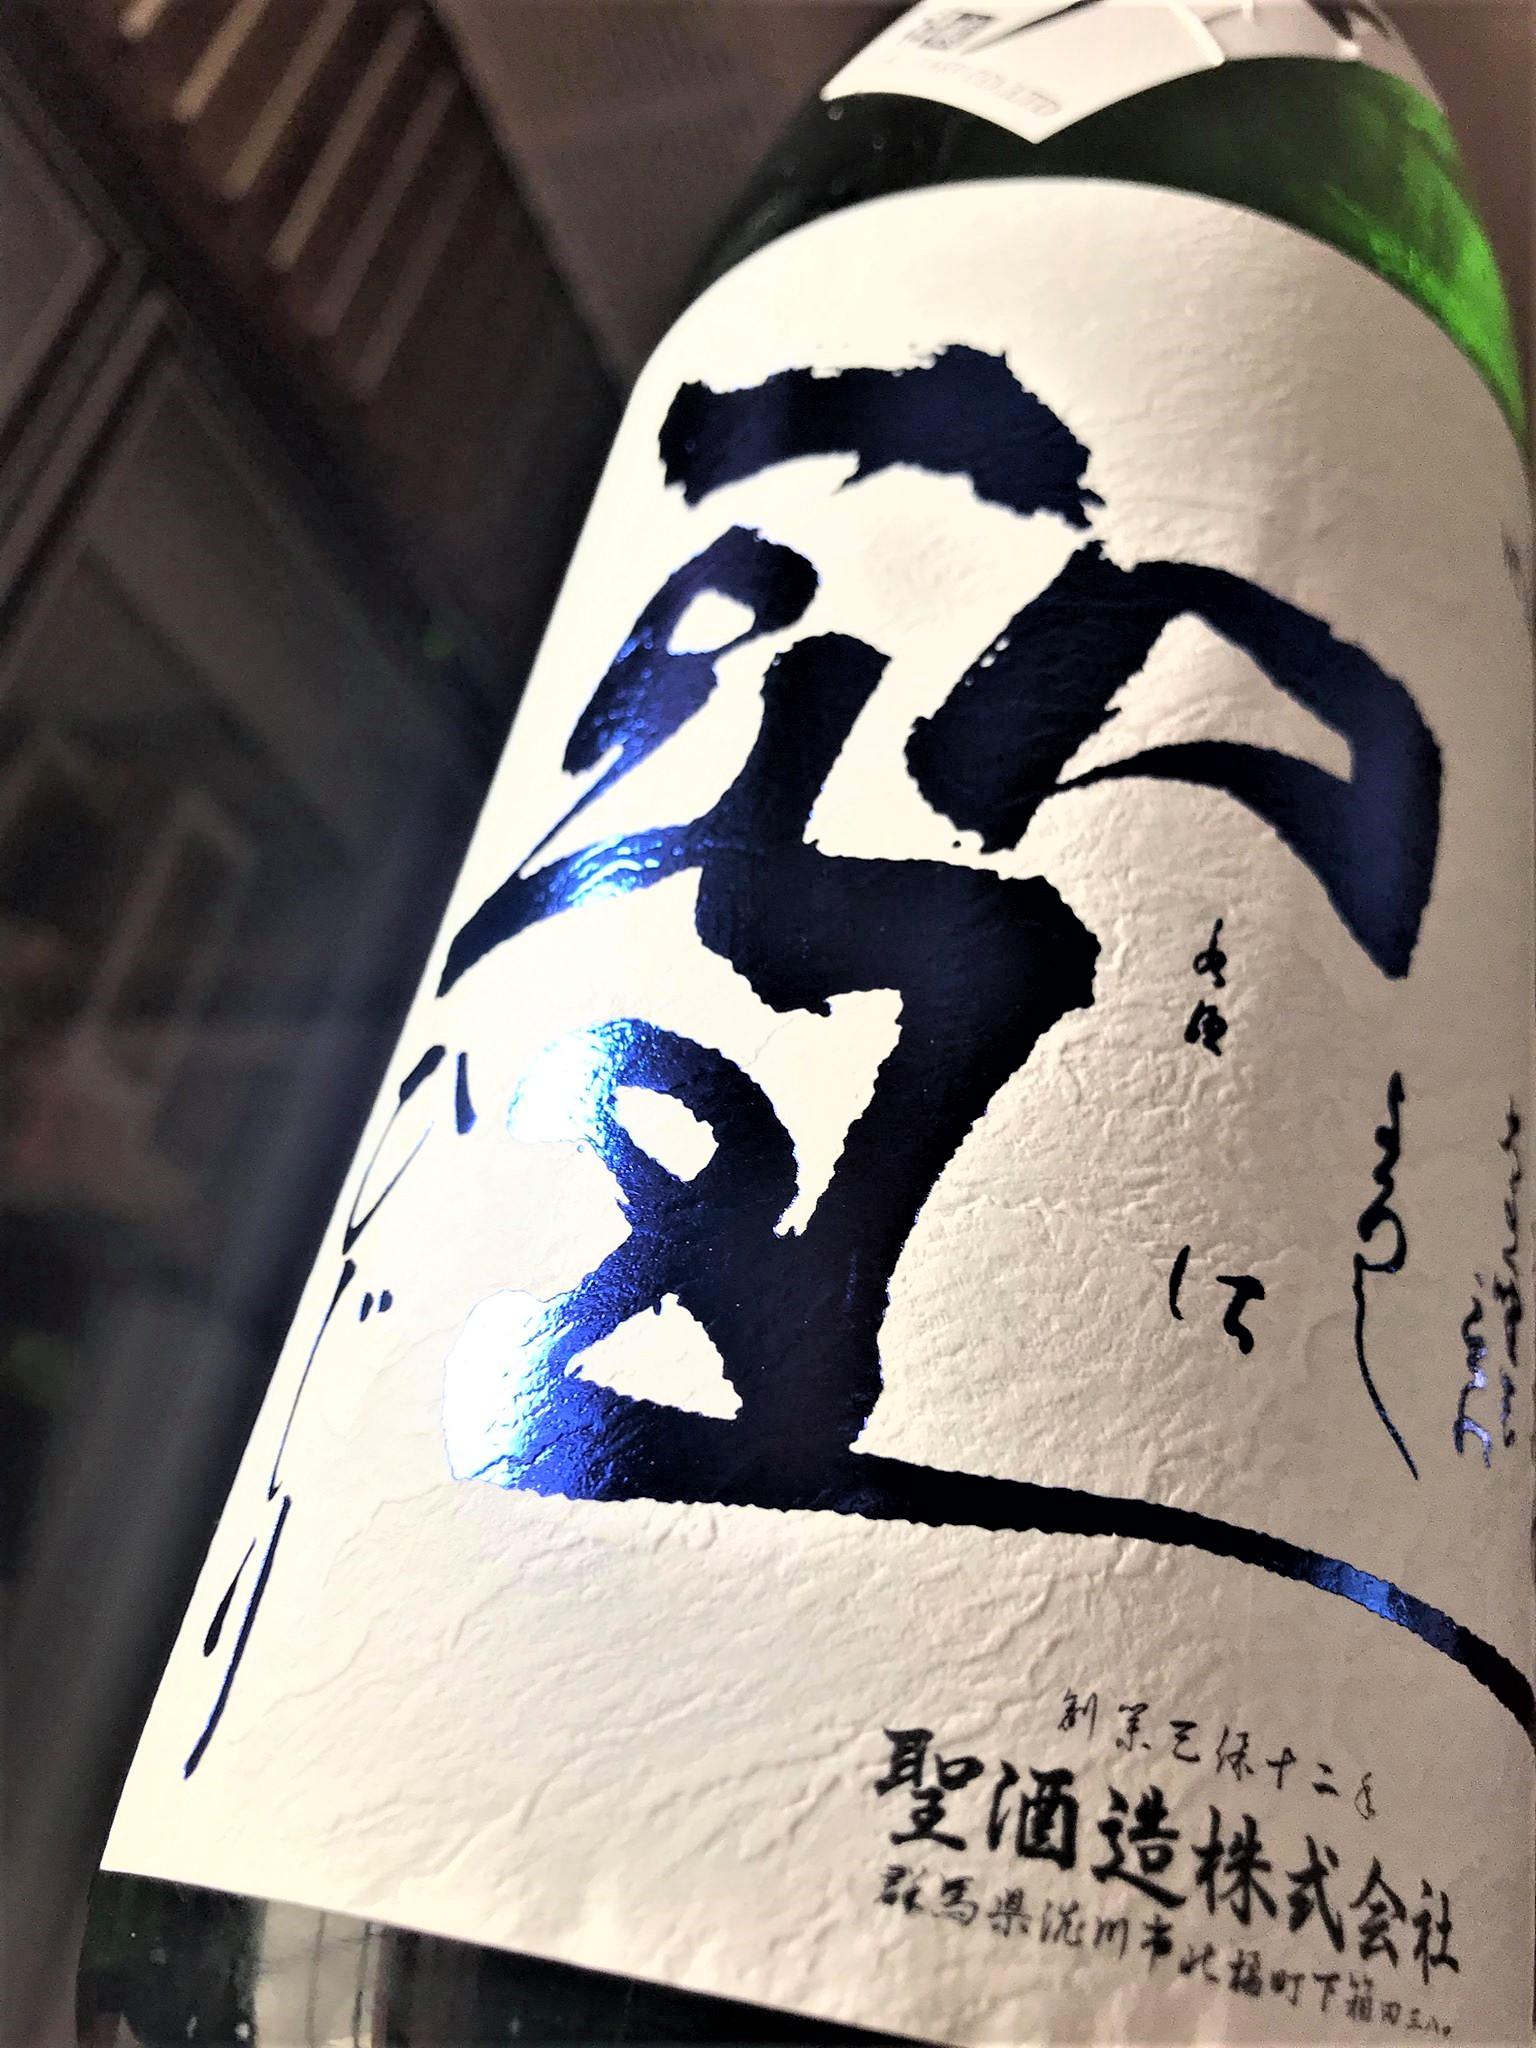 【日本酒】聖⭐特別編『中取り』純米吟醸 無濾過生原酒 若水50磨き 特別限定蔵出し 令和1BY🆕_e0173738_10403221.jpg